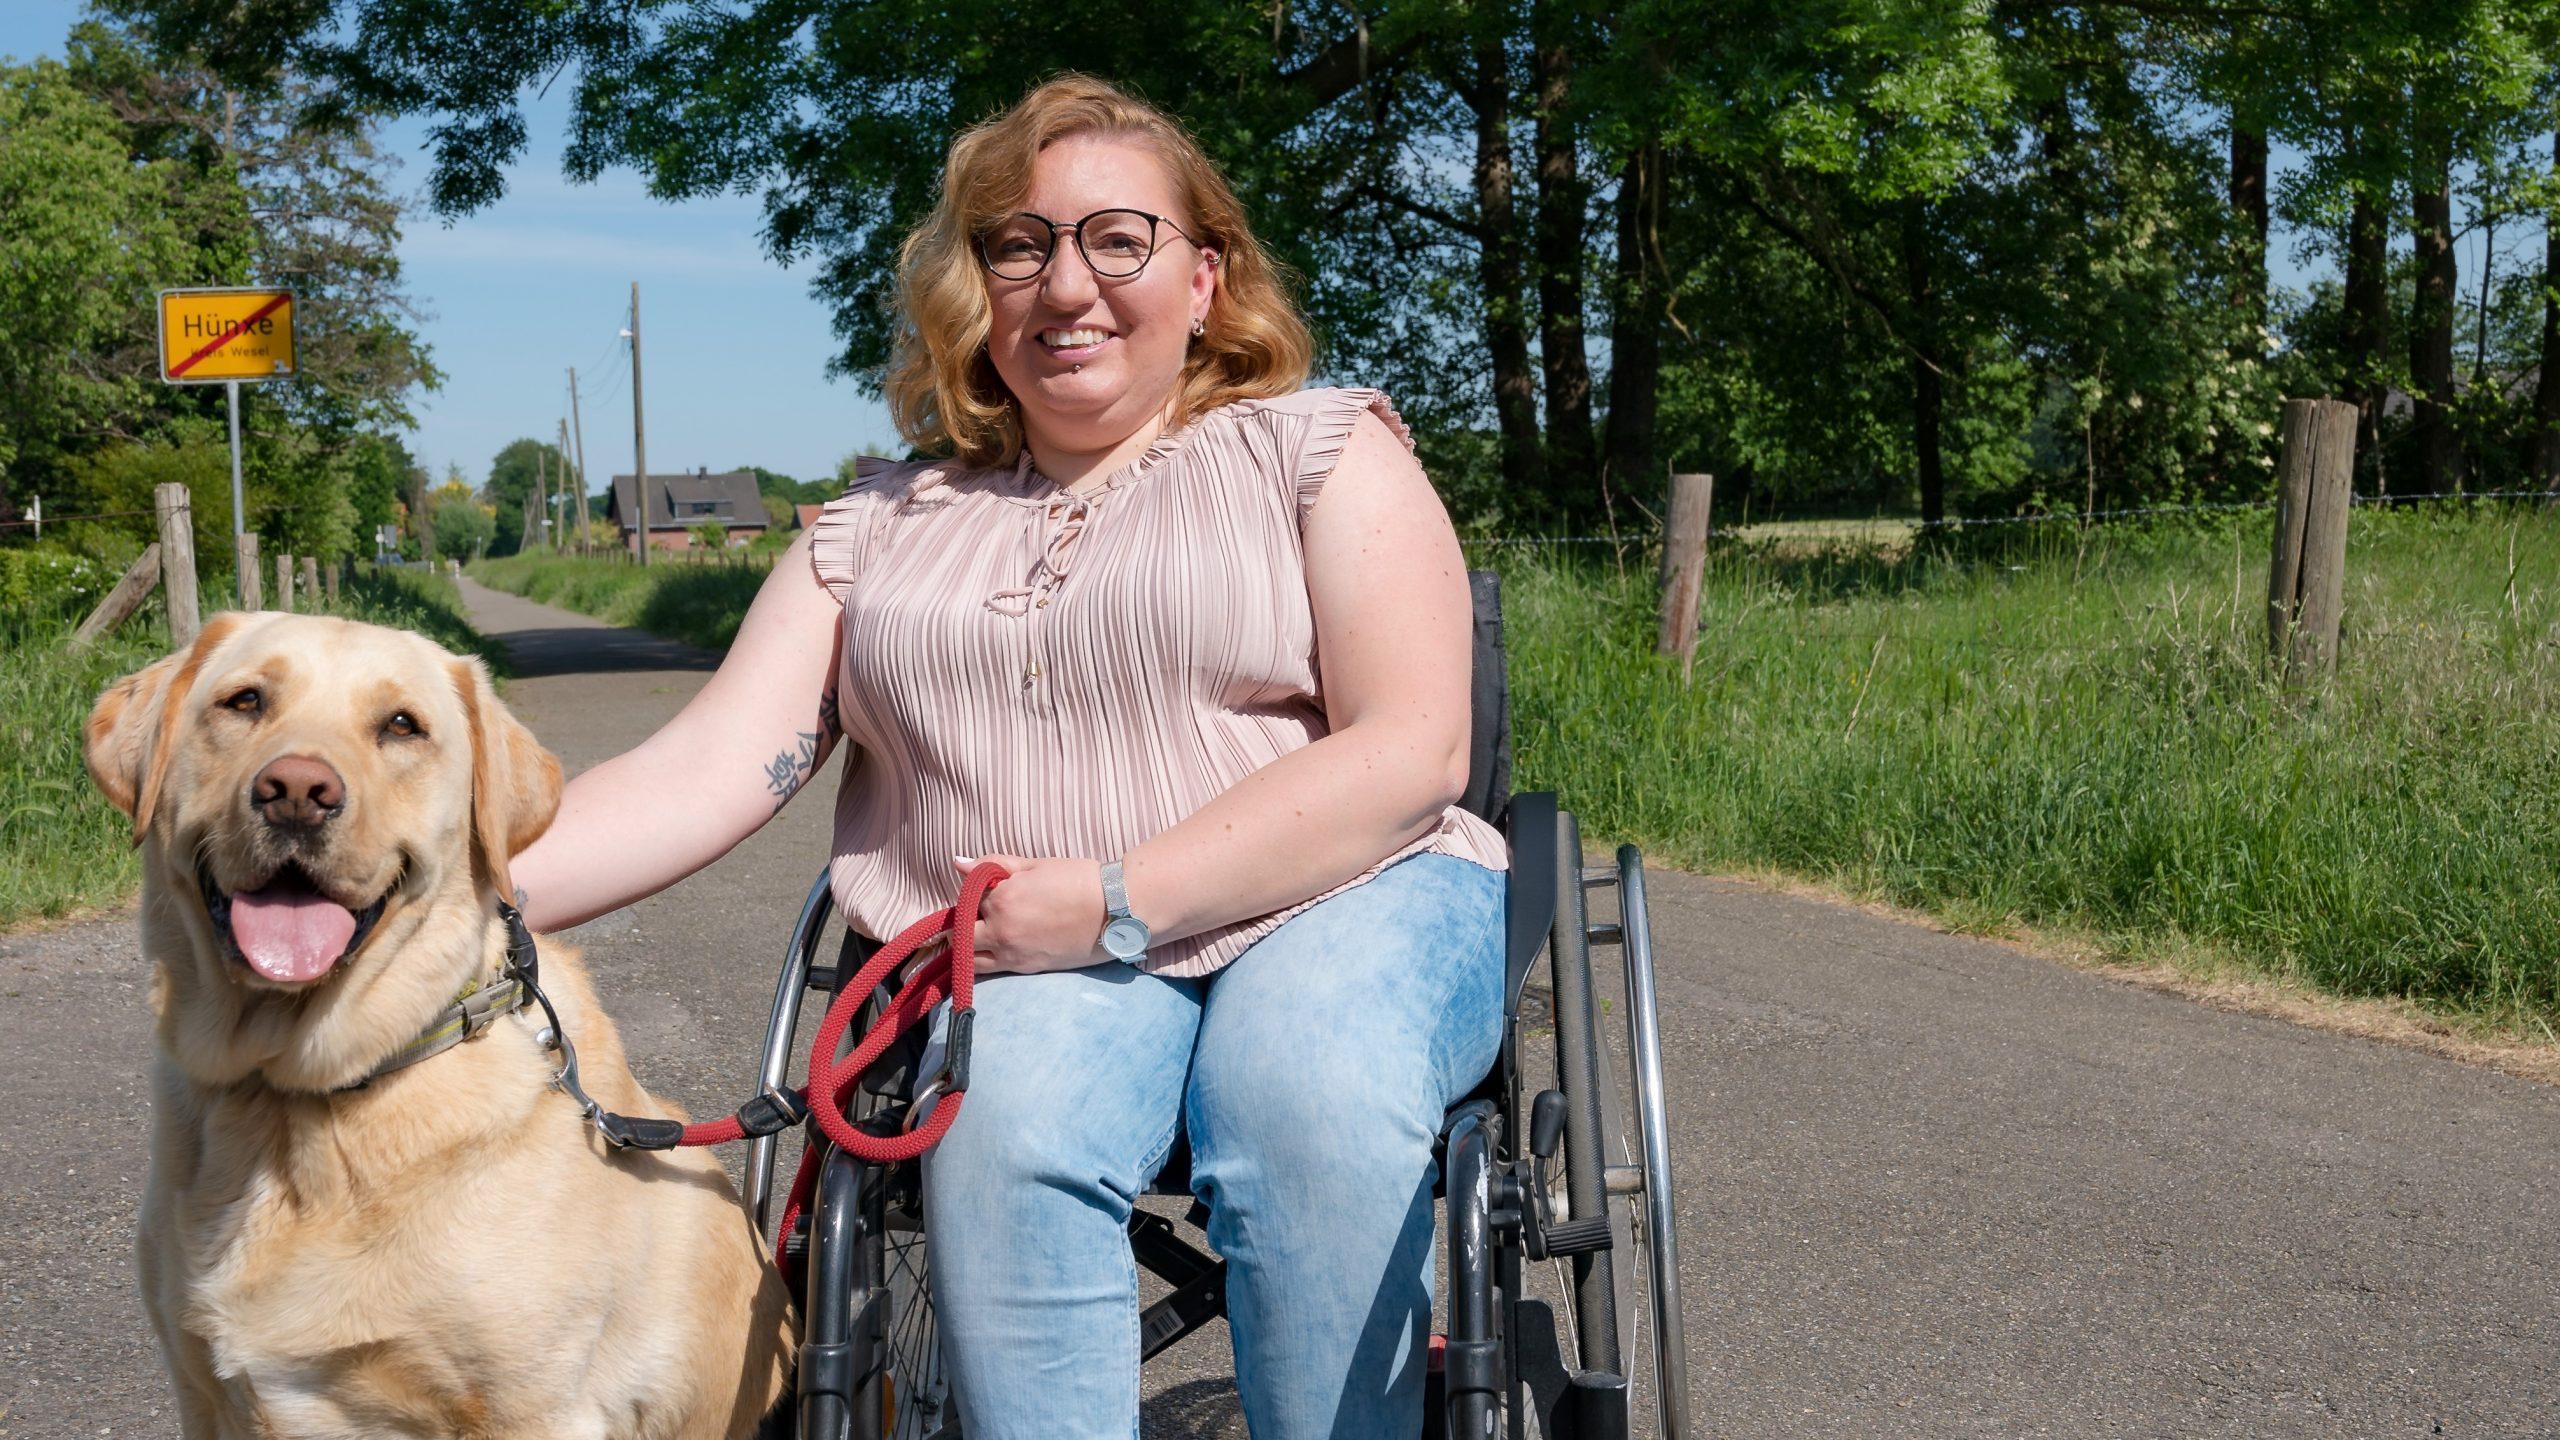 Dominique Freitag ist stellvertretende Vorsitzende der Hünxer SPD und machte mit einer Schwerbehinderung ihr Abitur an einer Regelschule.